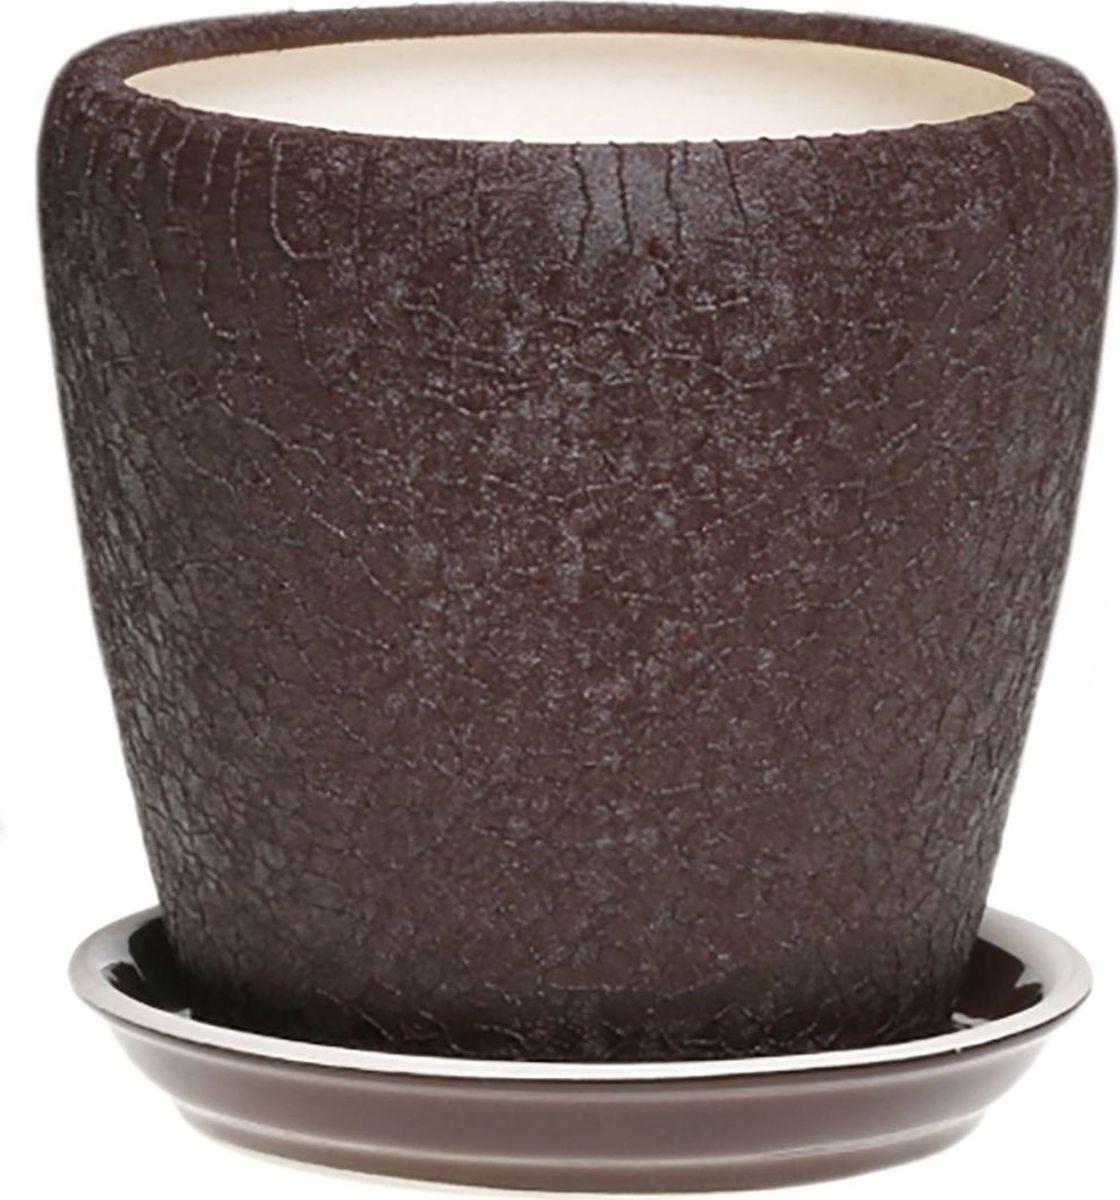 Кашпо Керамика ручной работы Грация, цвет: шоколадный, 1,2 л1158475Комнатные растения — всеобщие любимцы. Они радуют глаз, насыщают помещение кислородом и украшают пространство. Каждому из них необходим свой удобный и красивый дом. Кашпо из керамики прекрасно подходят для высадки растений: за счет пластичности глины и разных способов обработки существует великое множество форм и дизайнов пористый материал позволяет испаряться лишней влаге воздух, необходимый для дыхания корней, проникает сквозь керамические стенки! позаботится о зеленом питомце, освежит интерьер и подчеркнет его стиль.